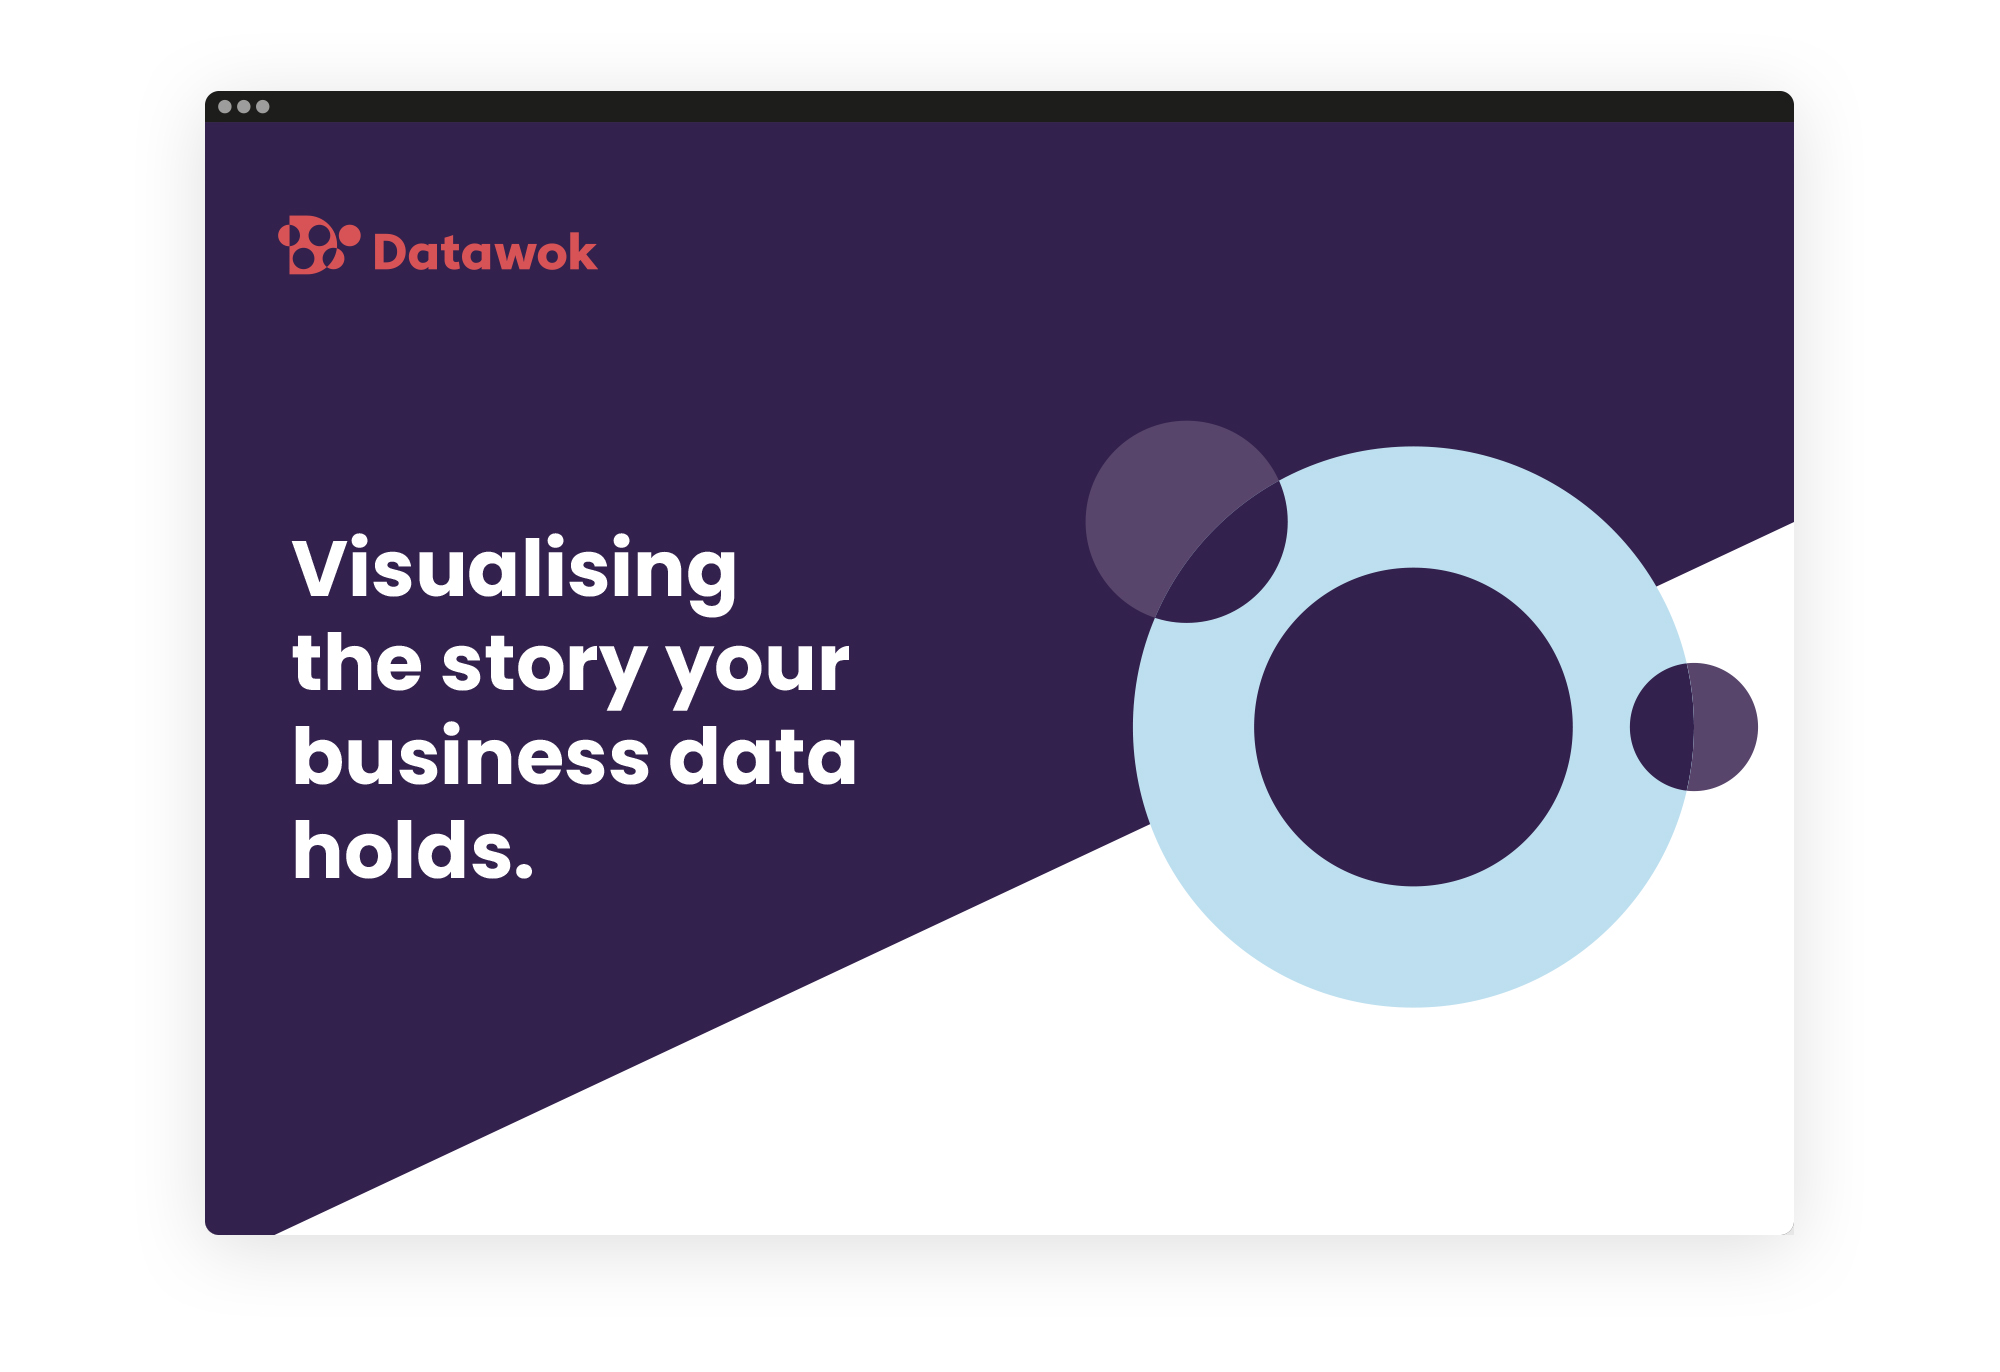 Datawok image